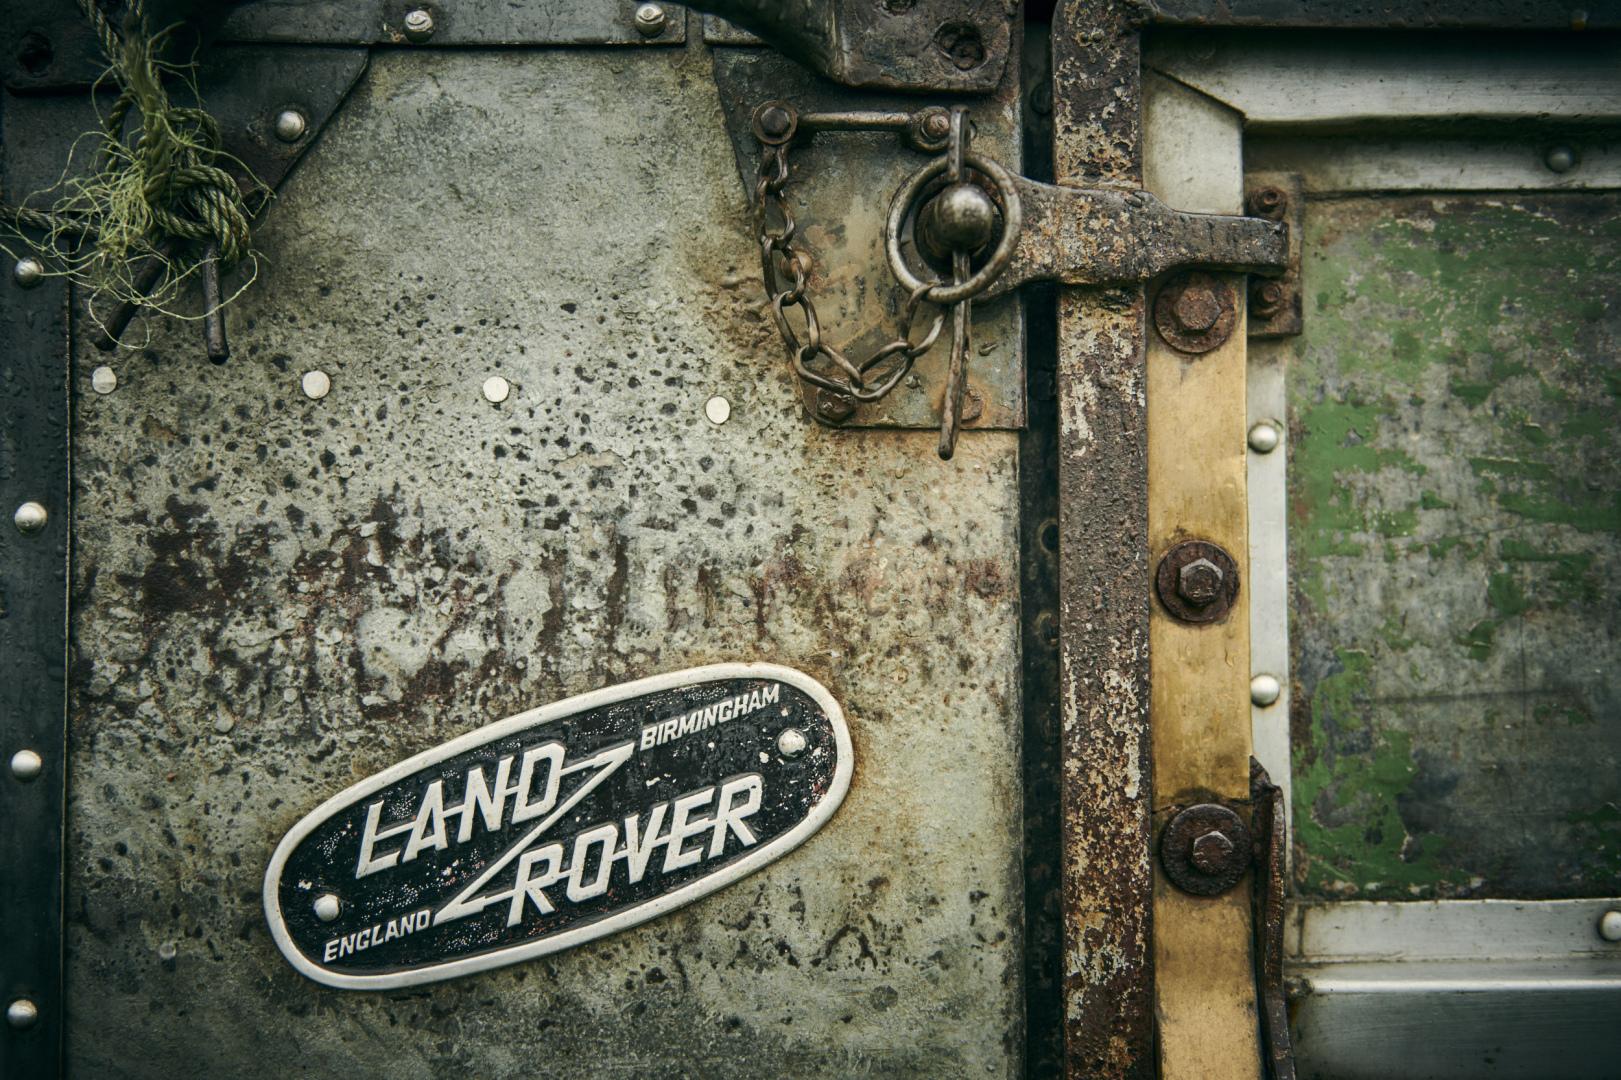 lrlandoflandrovers08081821